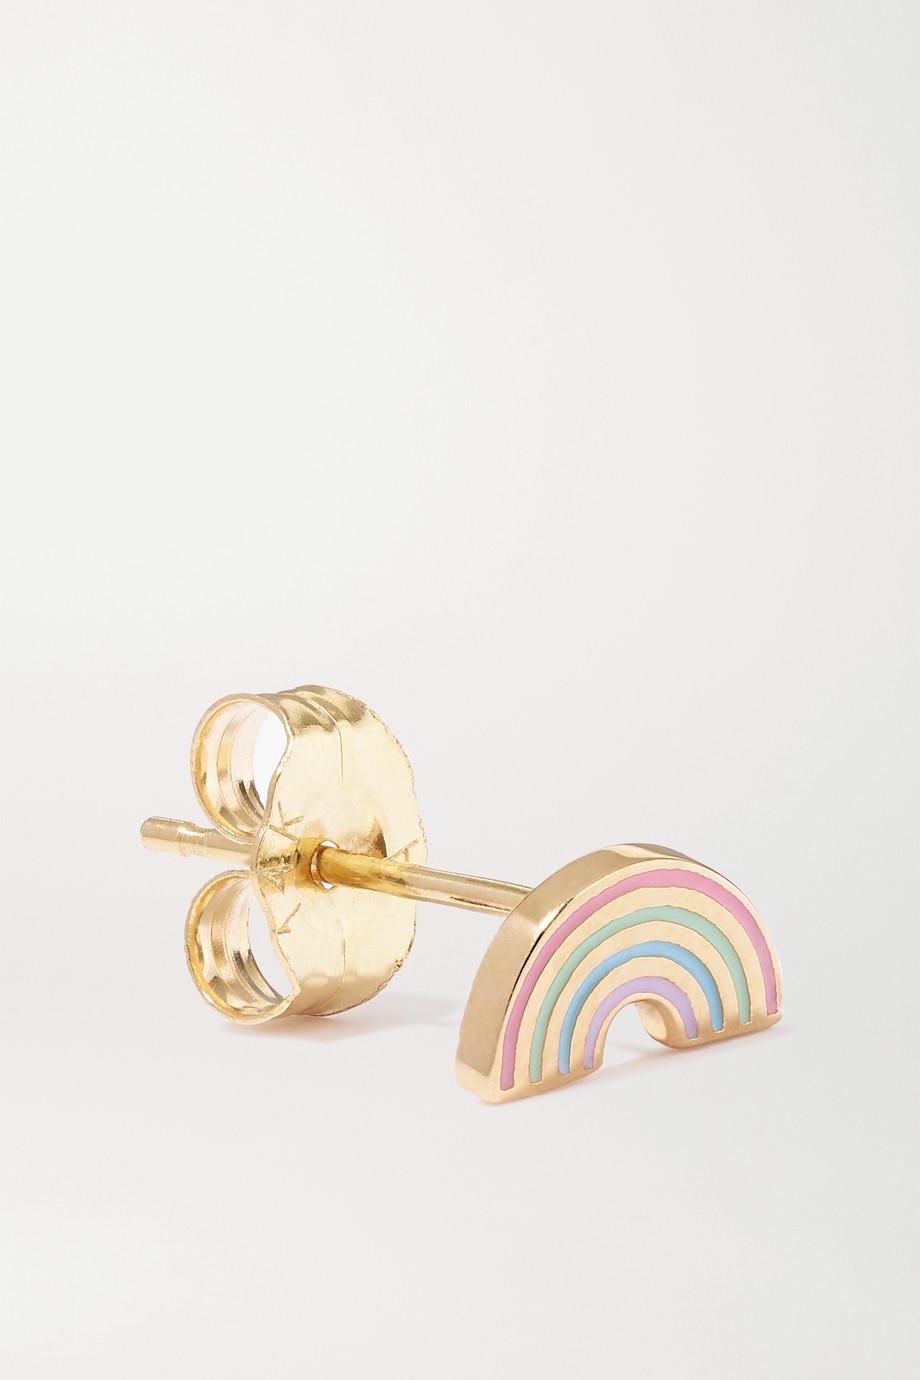 Alison Lou Rainbow Ohrring aus 14 Karat Gold mit Emaille